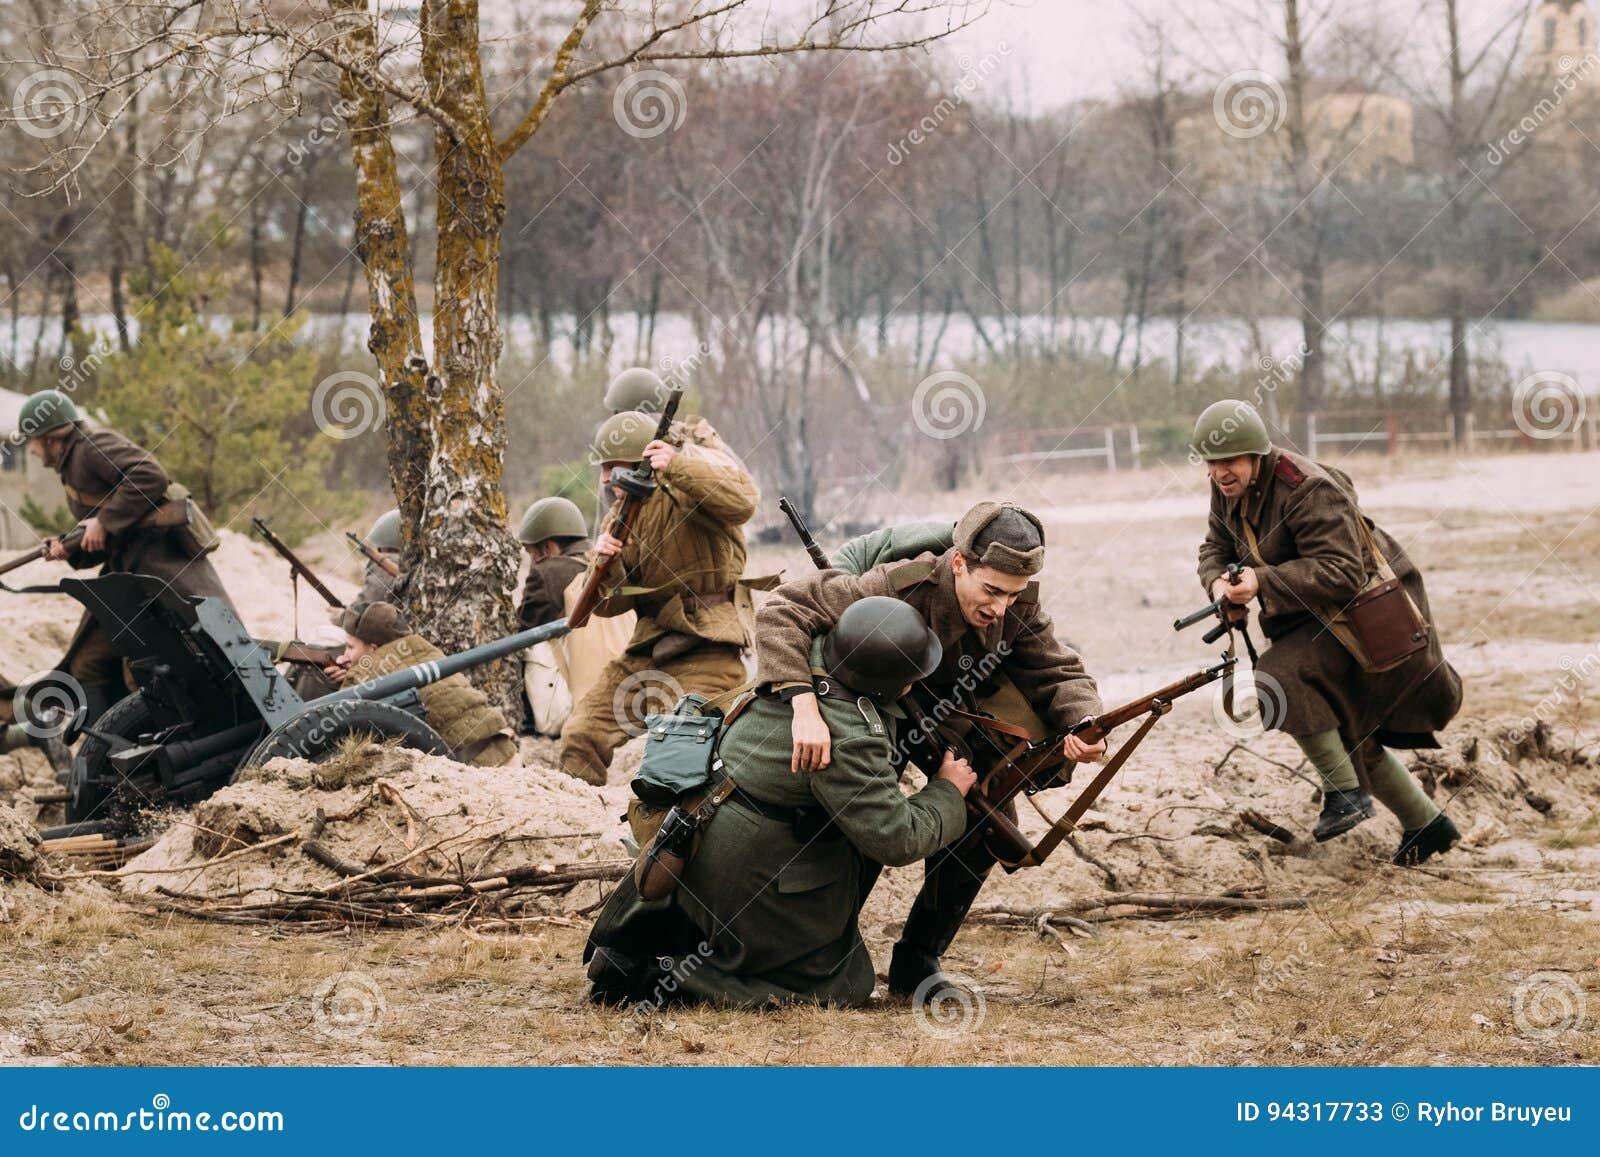 WW2 German Wehrmacht Infantry Battle Scene  Picture